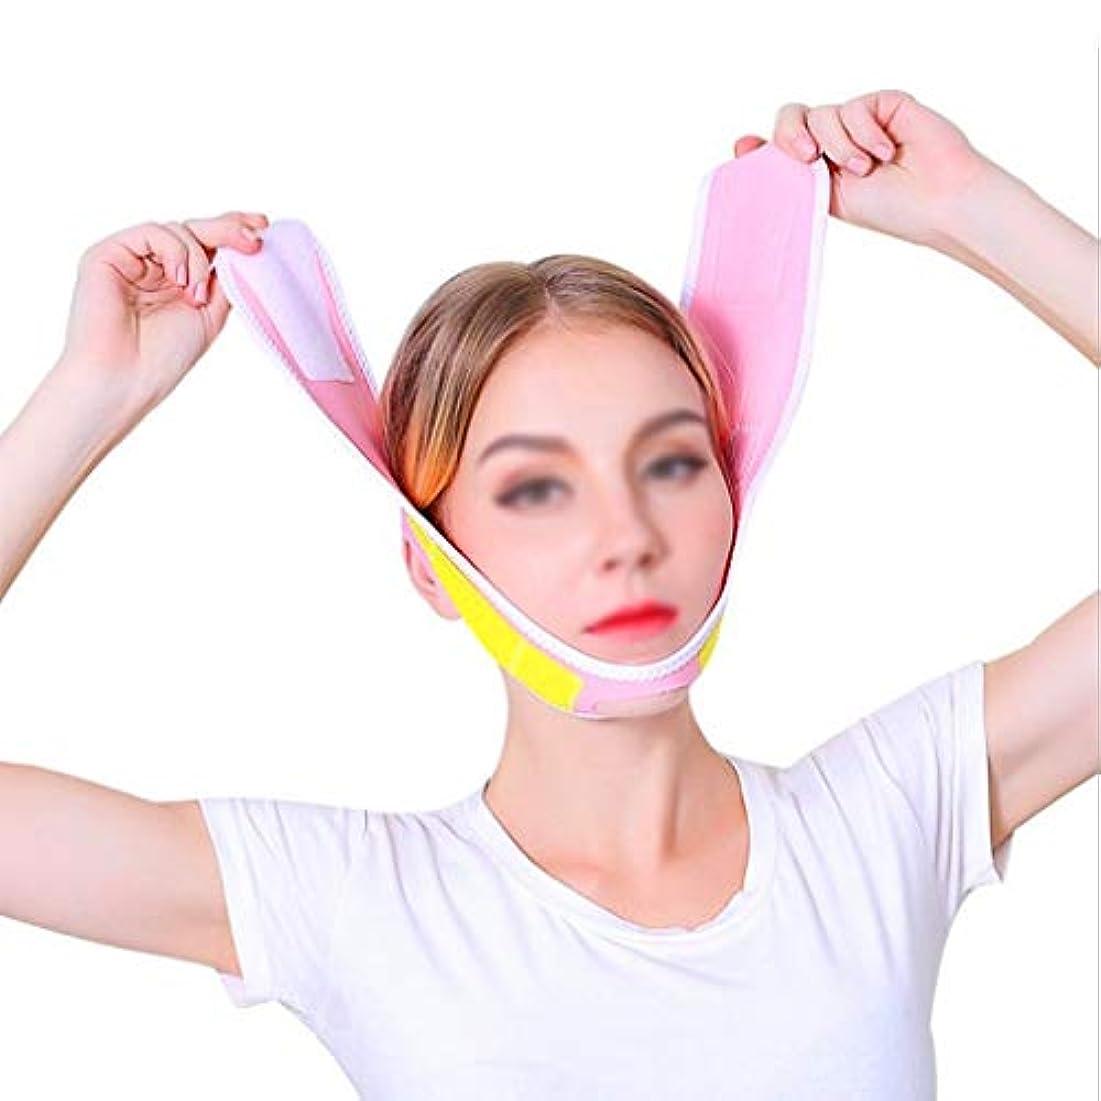 ファンネルウェブスパイダー頂点組み込むXHLMRMJ 整形されたフェイスマスク、顔の引き上げと引き締めを強化する整形、顔の減量抗シワトリートメント、フェイスリフティングと引き締め肌(ピンク、ワンサイズ)